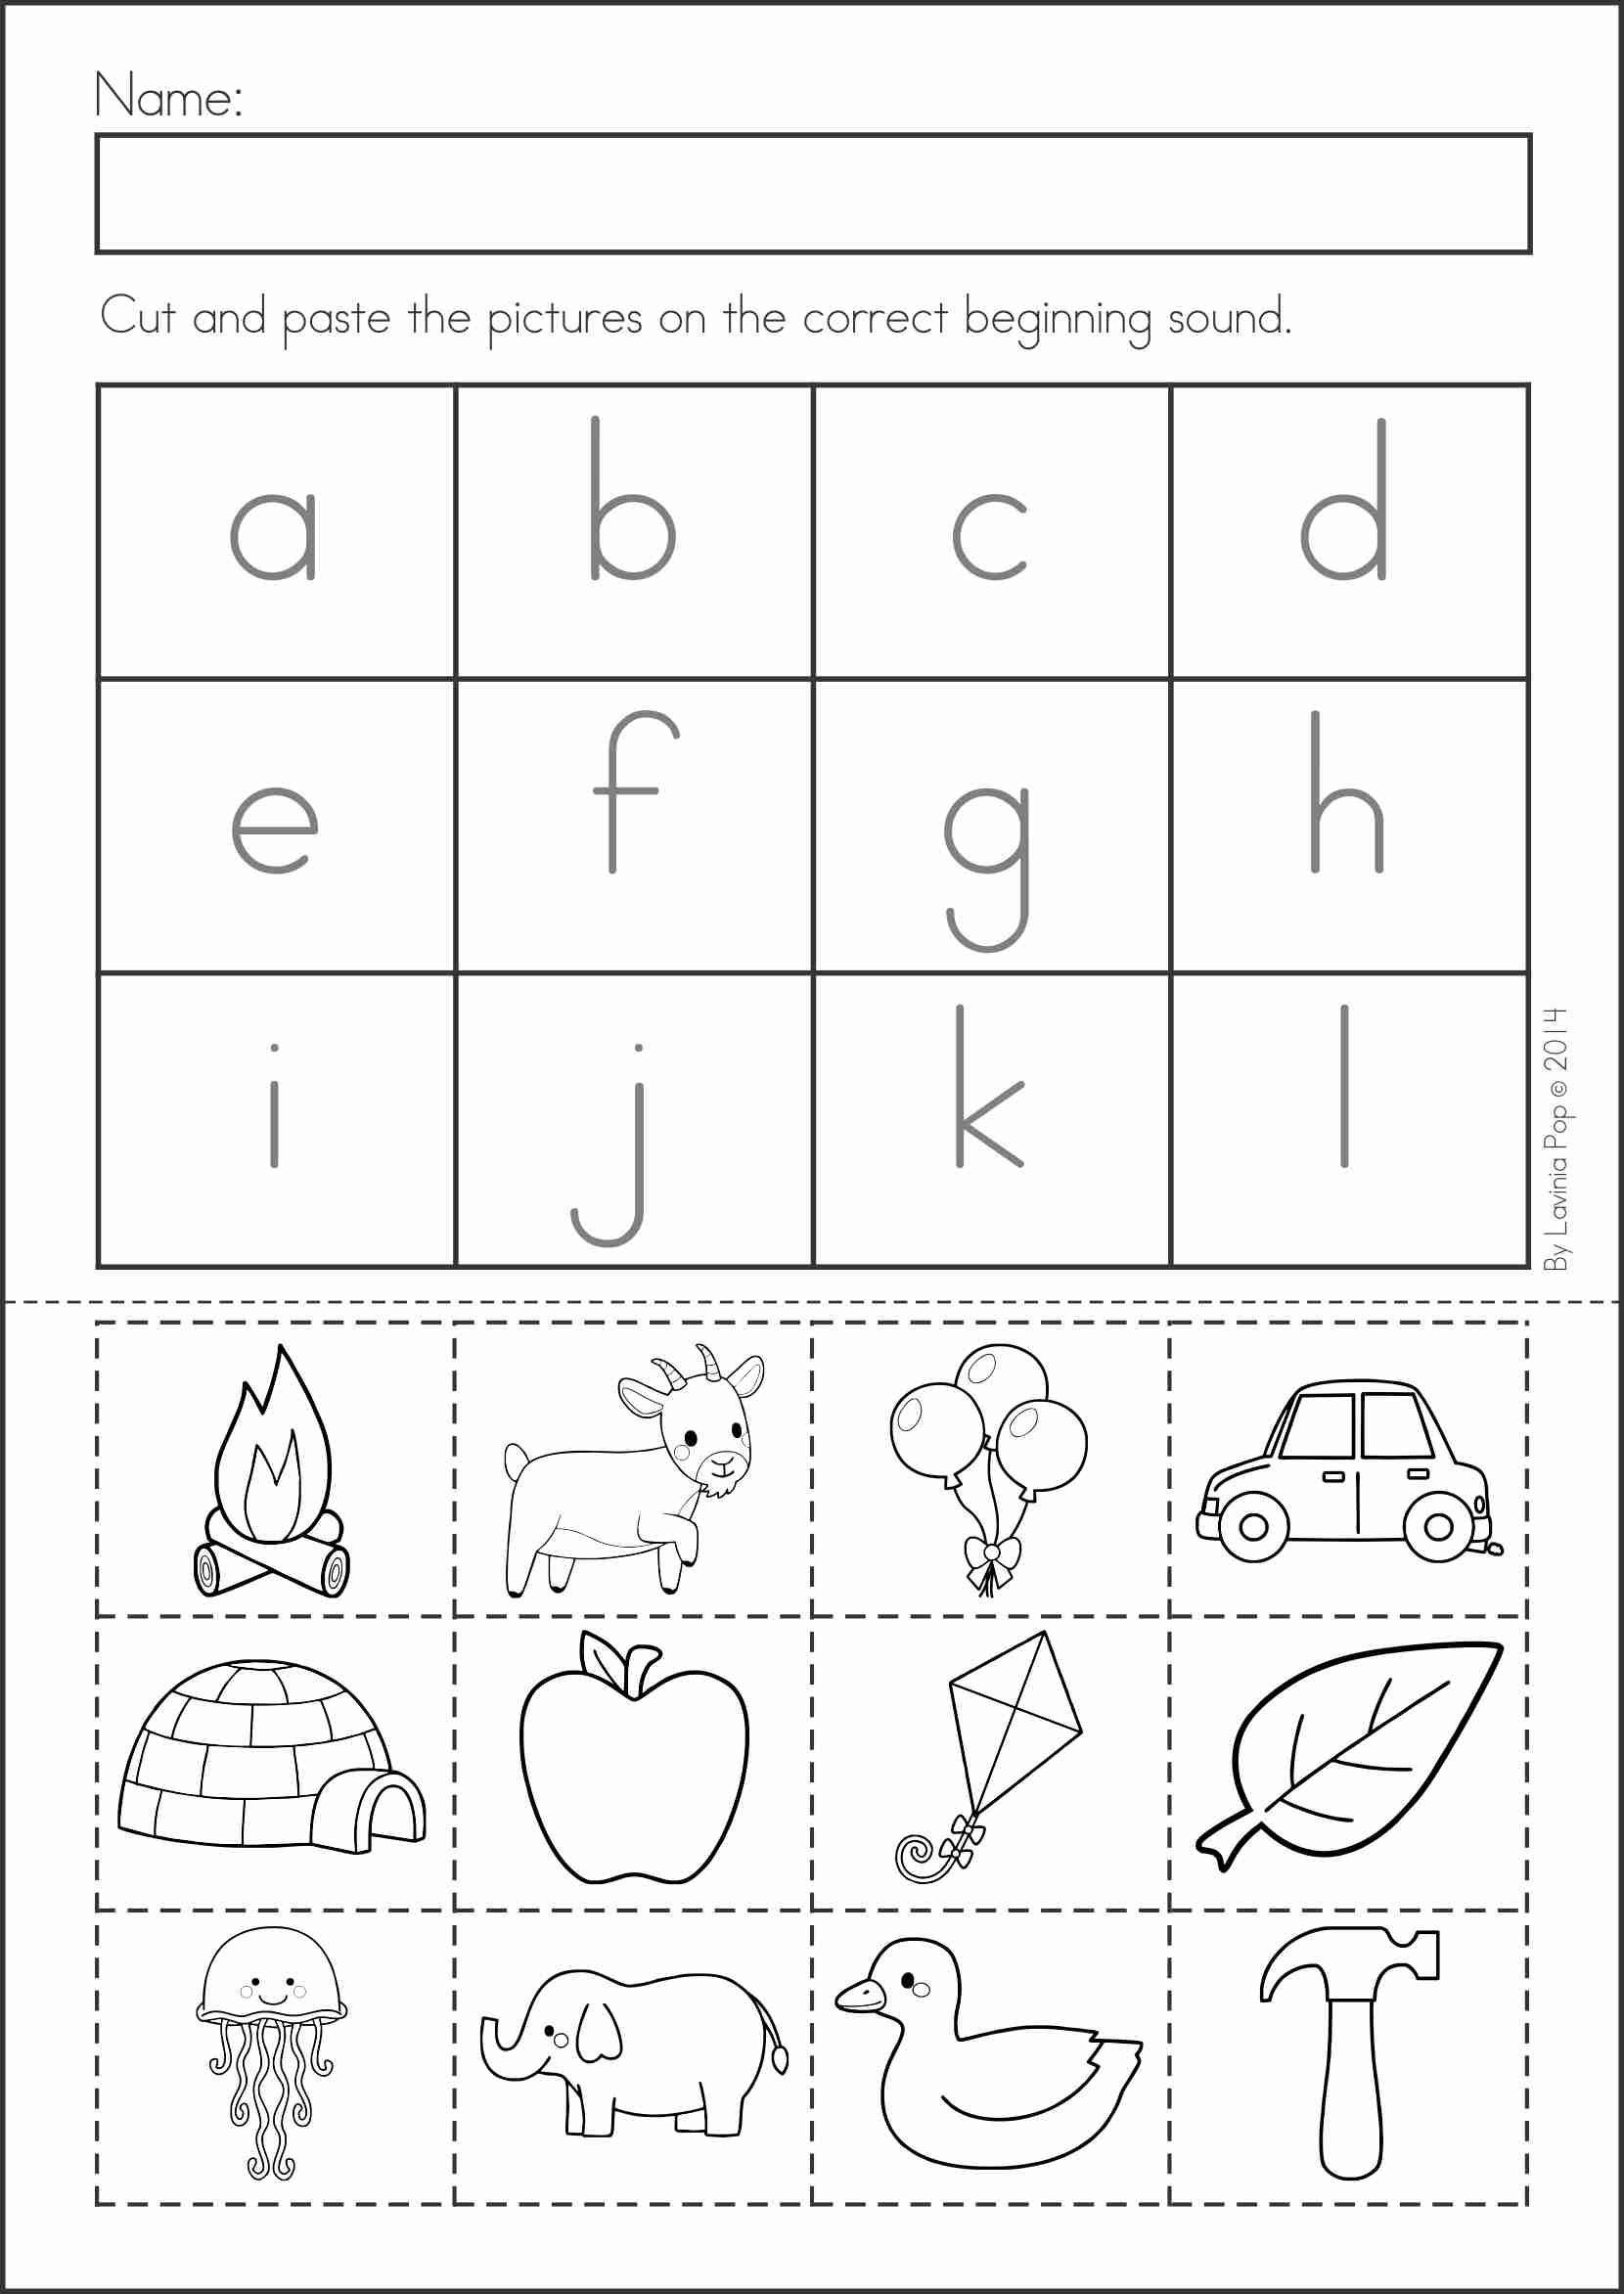 Alphabet Worksheets Kindergarten Kid Activities – Lbwomen within Alphabet Review Worksheets For Preschool